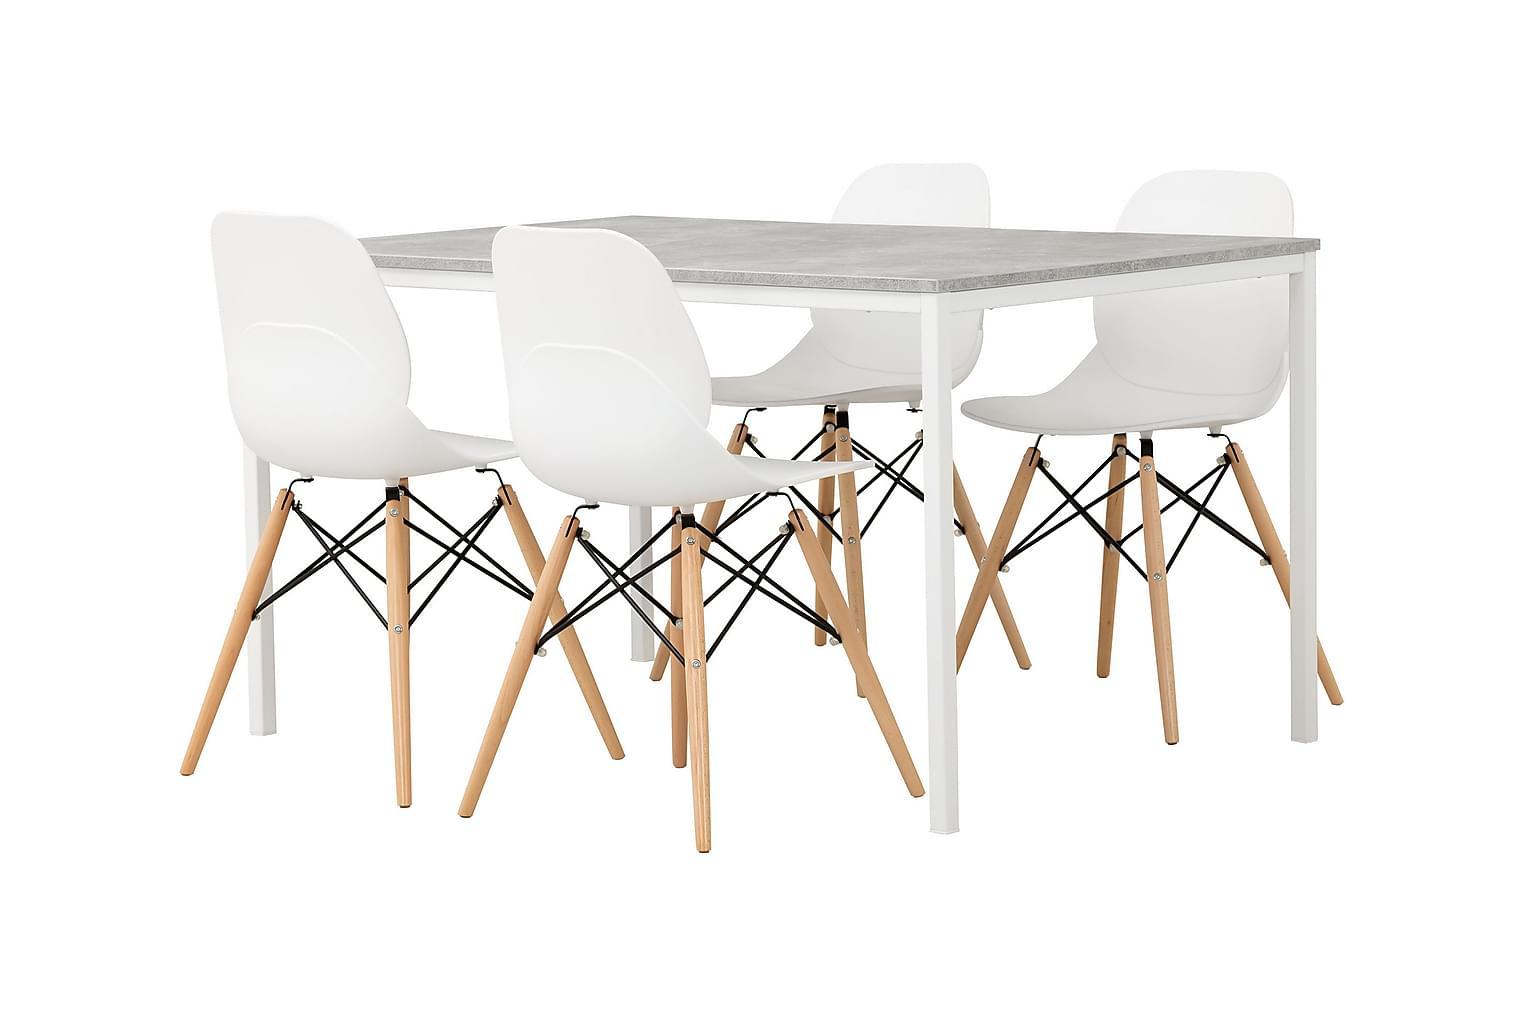 NOOMI Pöytä 138 Harmaa/valkoinen+ 4 RANA Tuolia Valkoinen/Pu